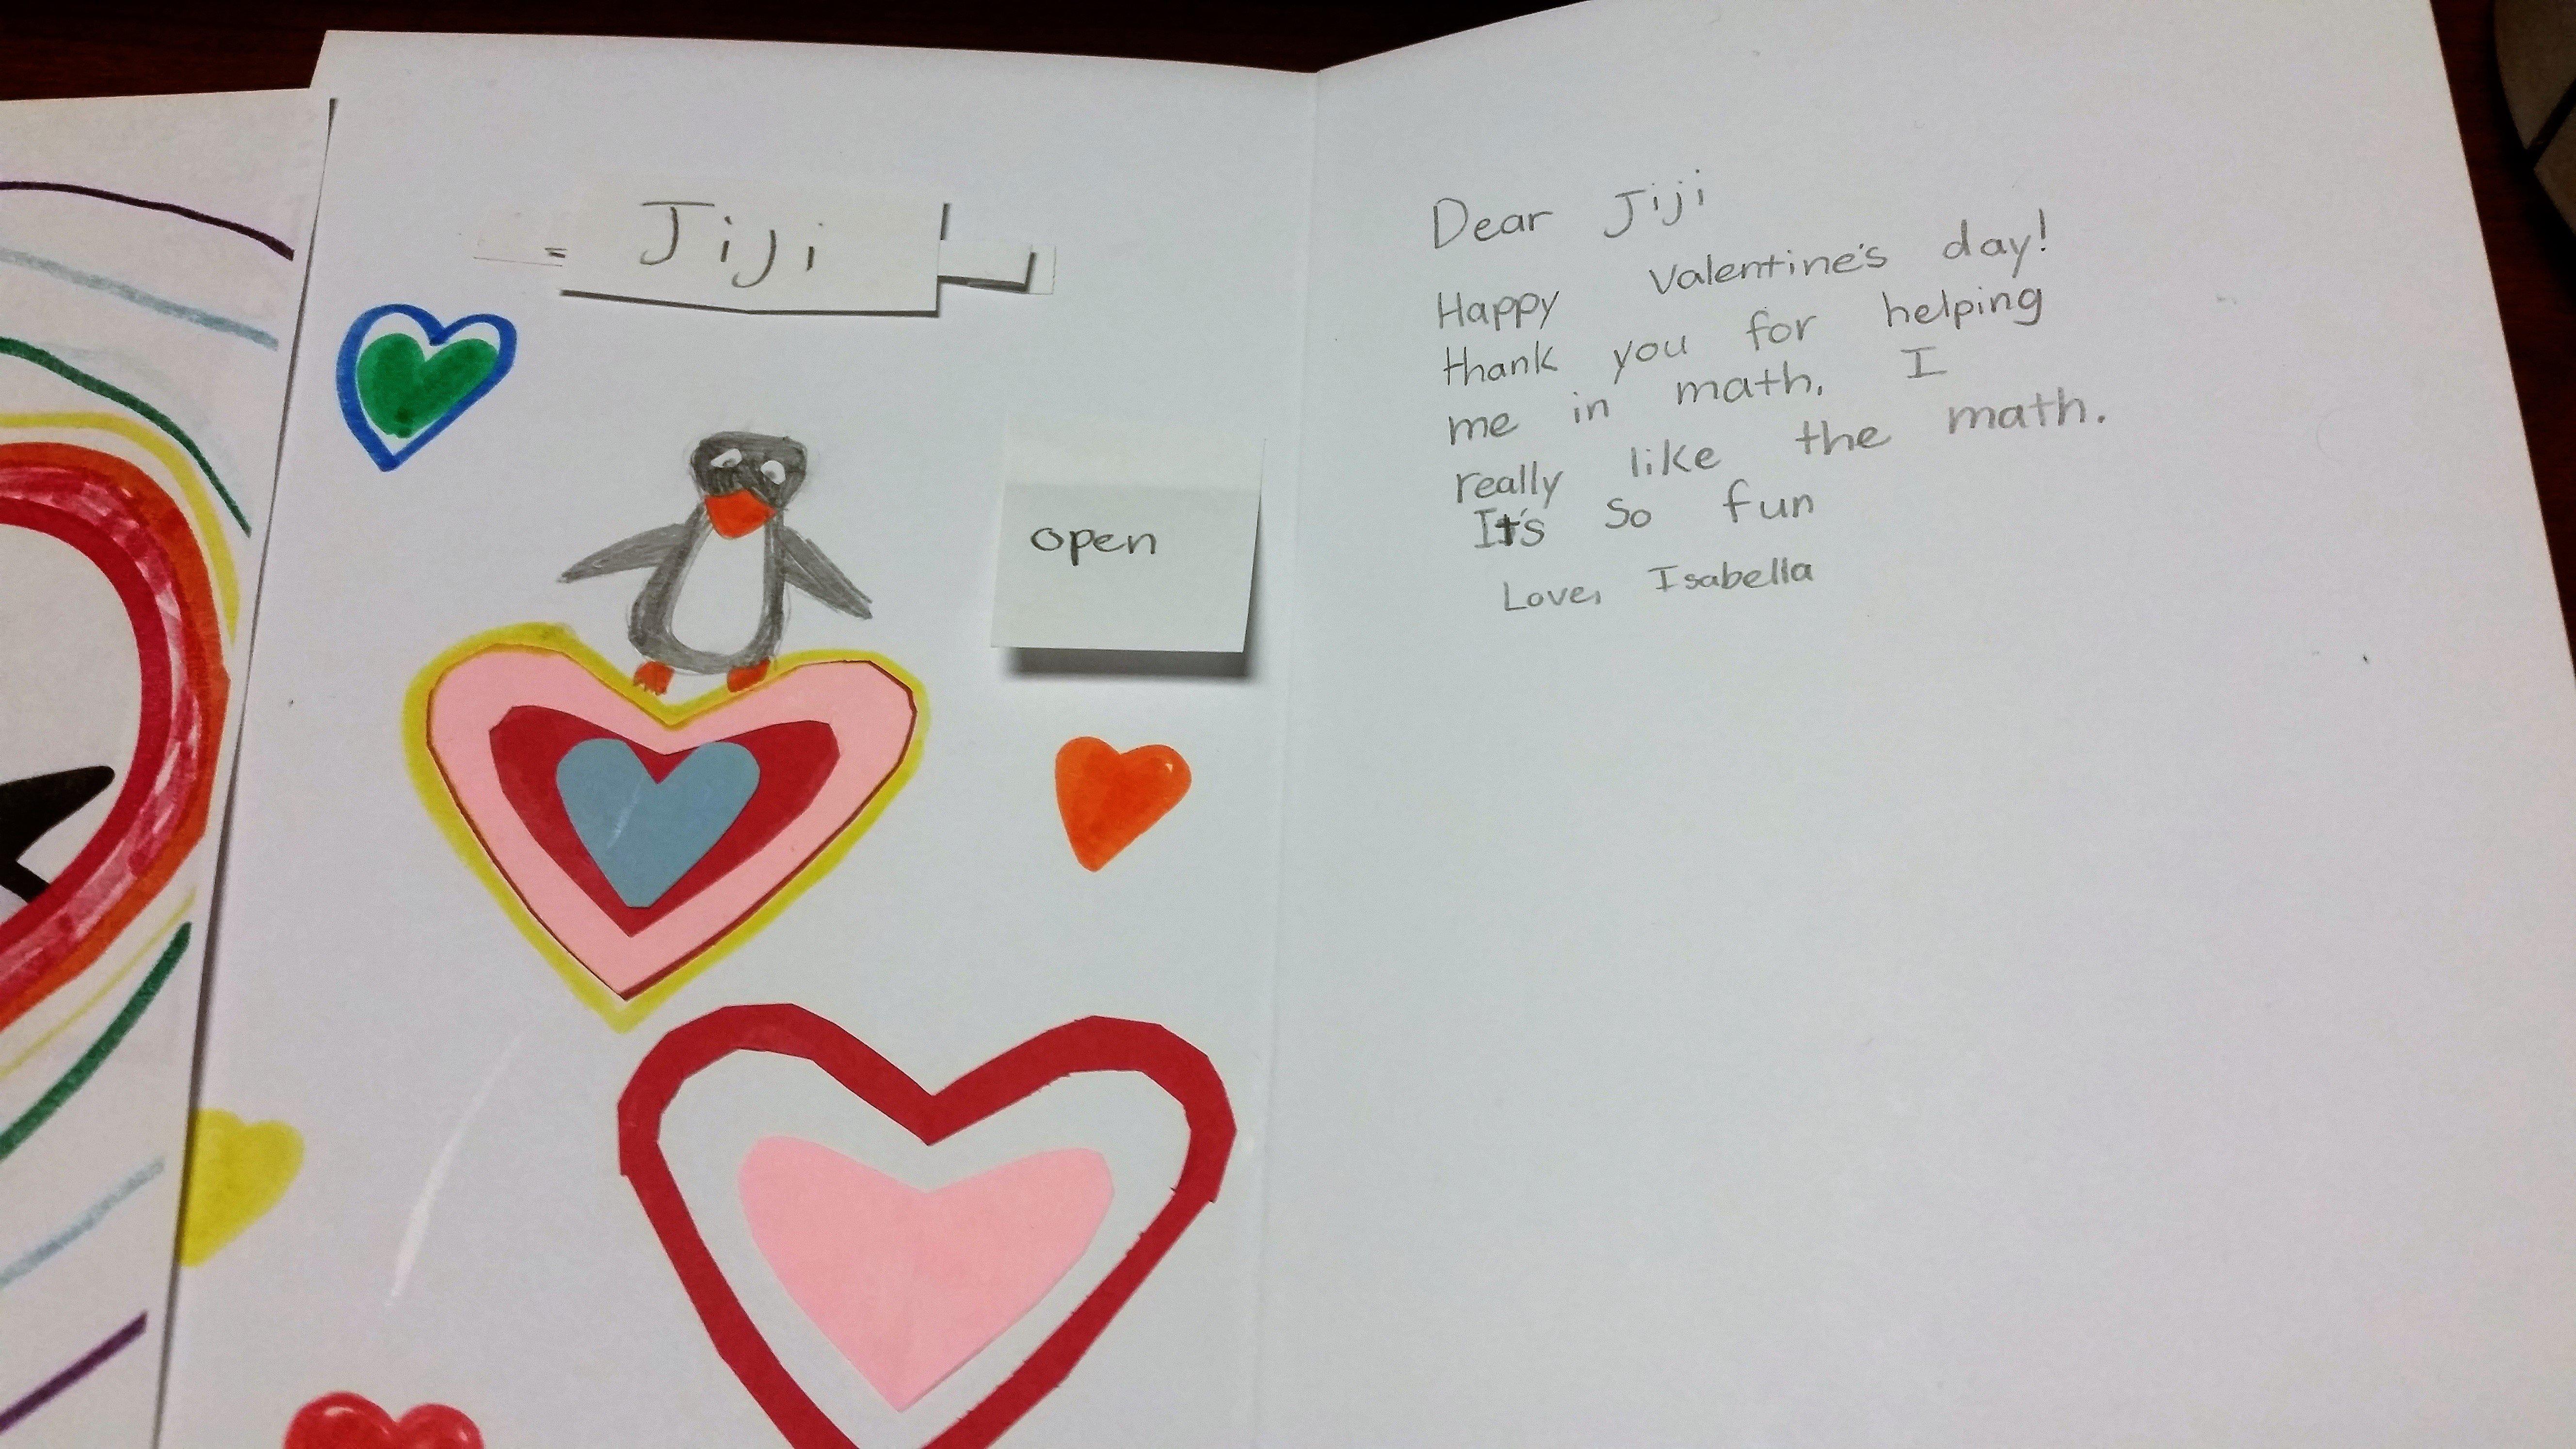 valentine-jiji-letter